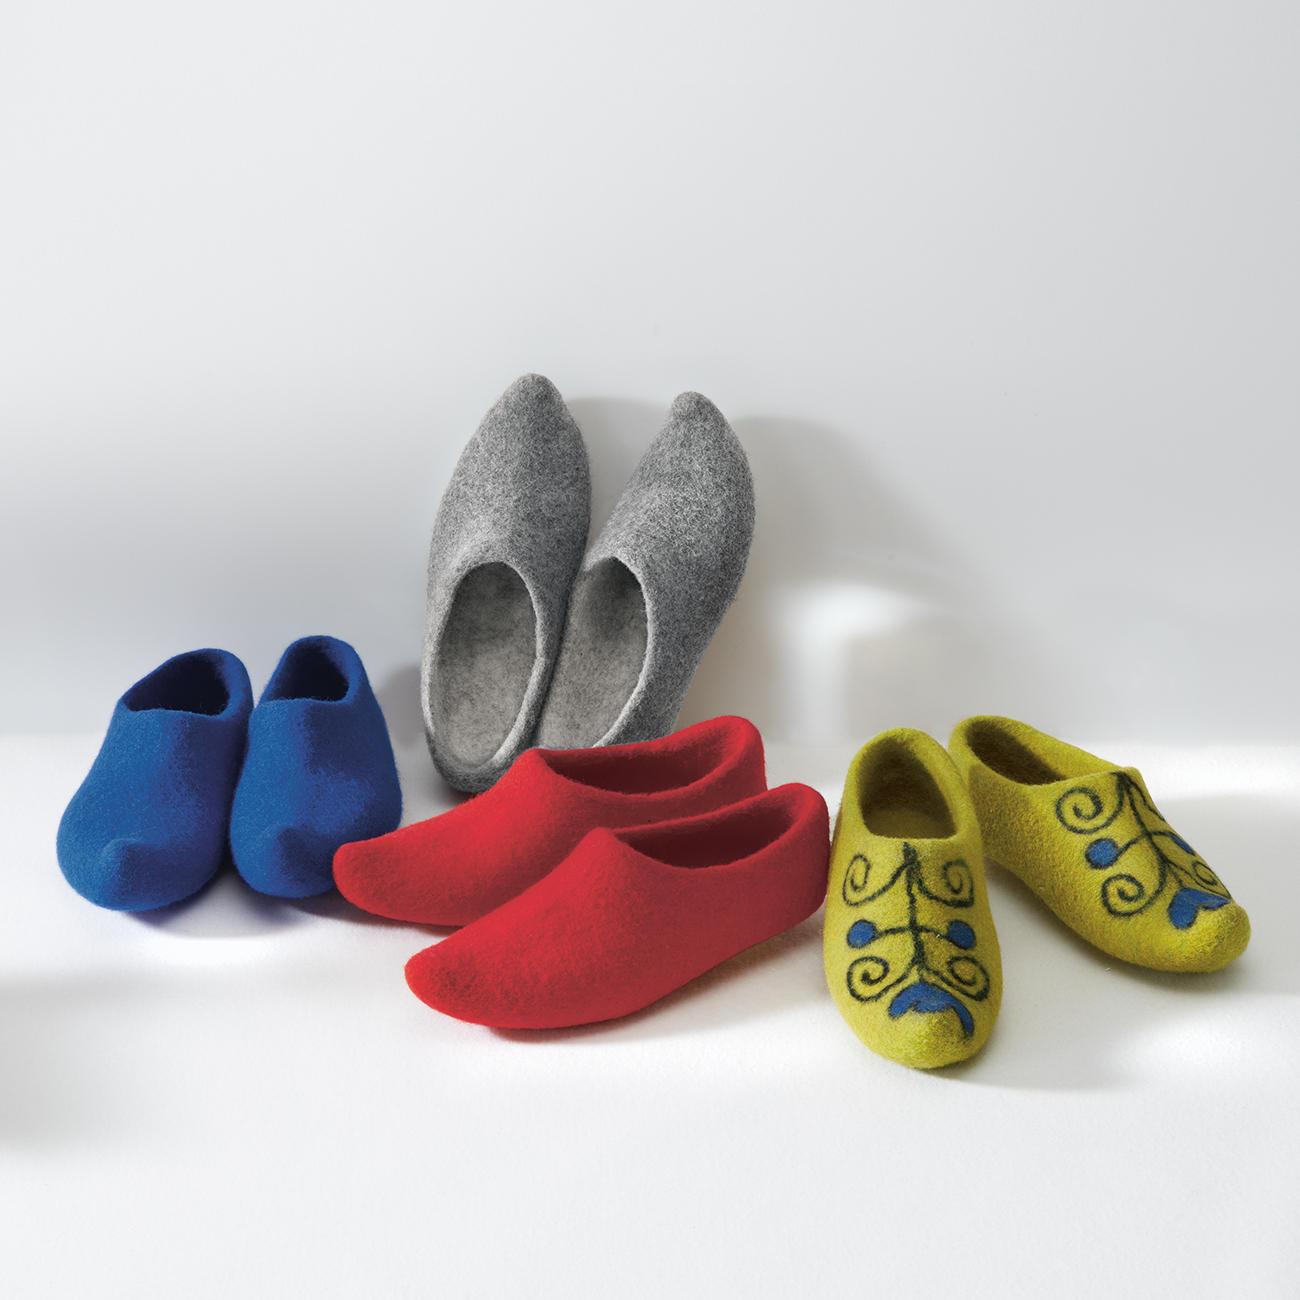 Kyrgyz slippers